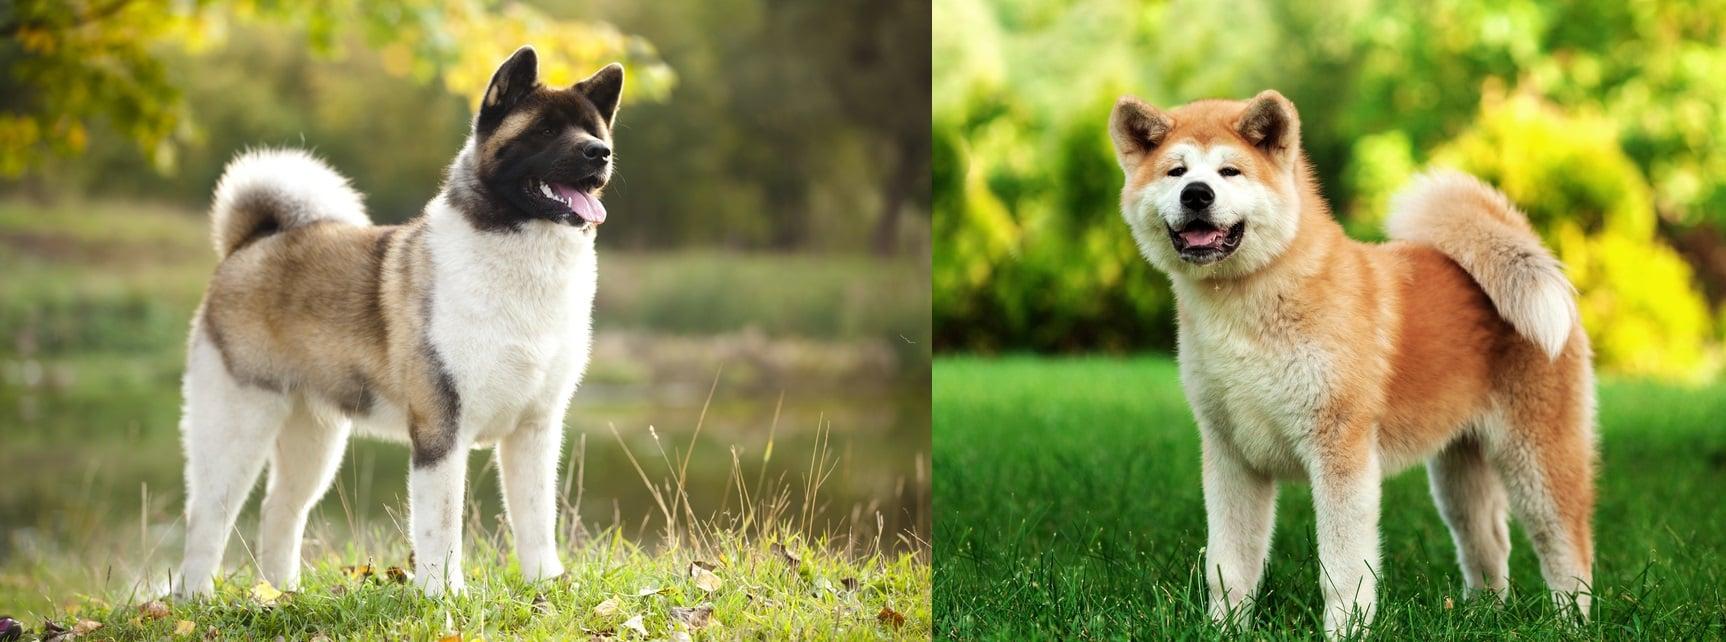 تفاوت آکیتای آمریکایی و آکیتای ژاپنی